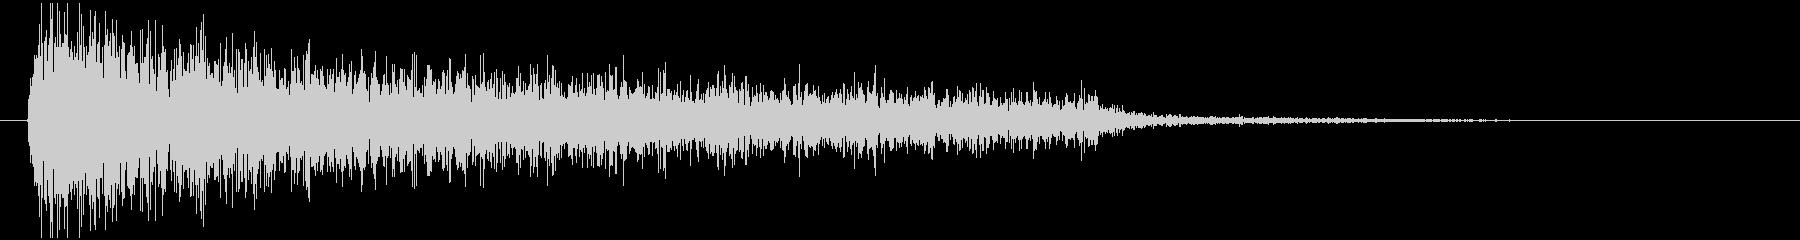 ガーン (ショック、恐怖、絶望時の音)の未再生の波形